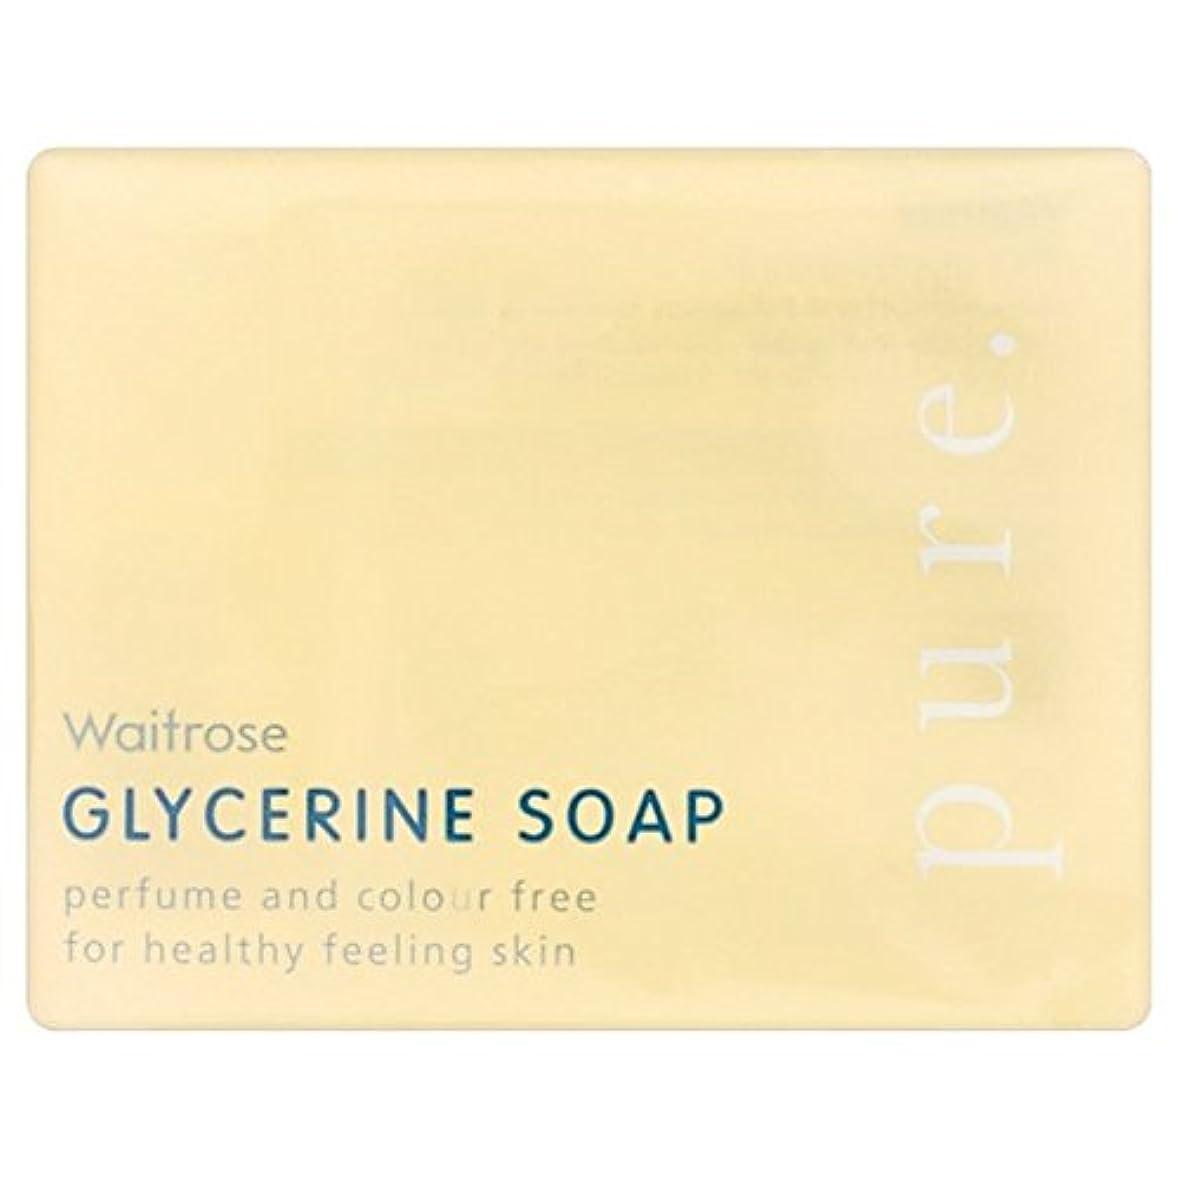 委員長ナンセンスジョセフバンクスPure Glycerine Soap Waitrose 100g (Pack of 6) - 純粋なグリセリンソープウェイトローズの100グラム x6 [並行輸入品]